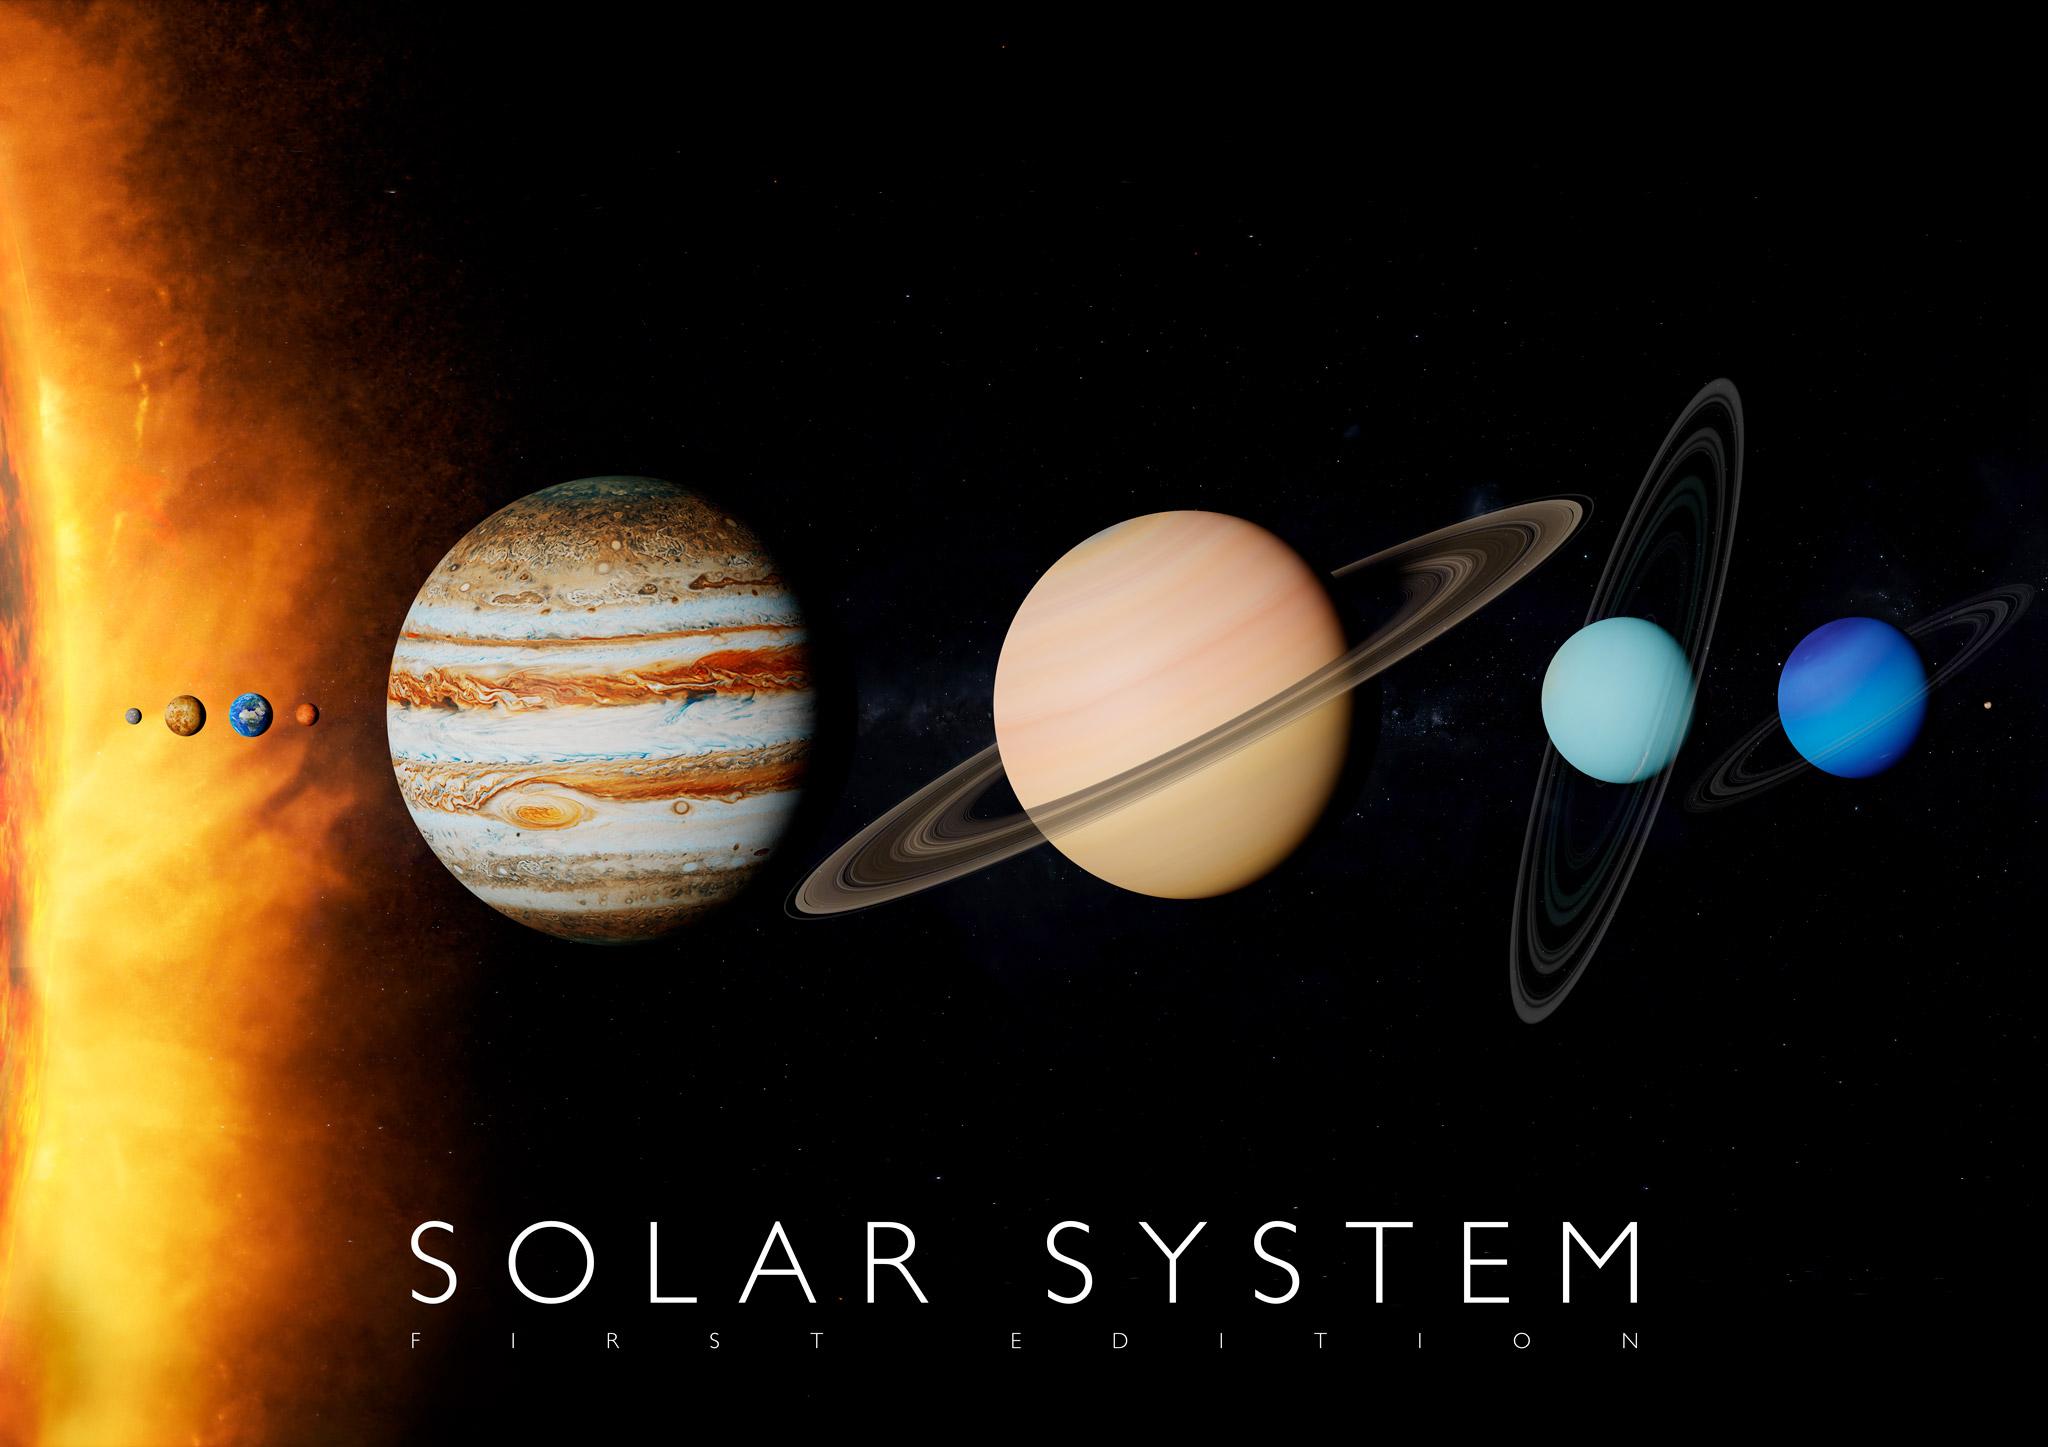 Plagát Slnečná sústava pre rozšírenú realitu